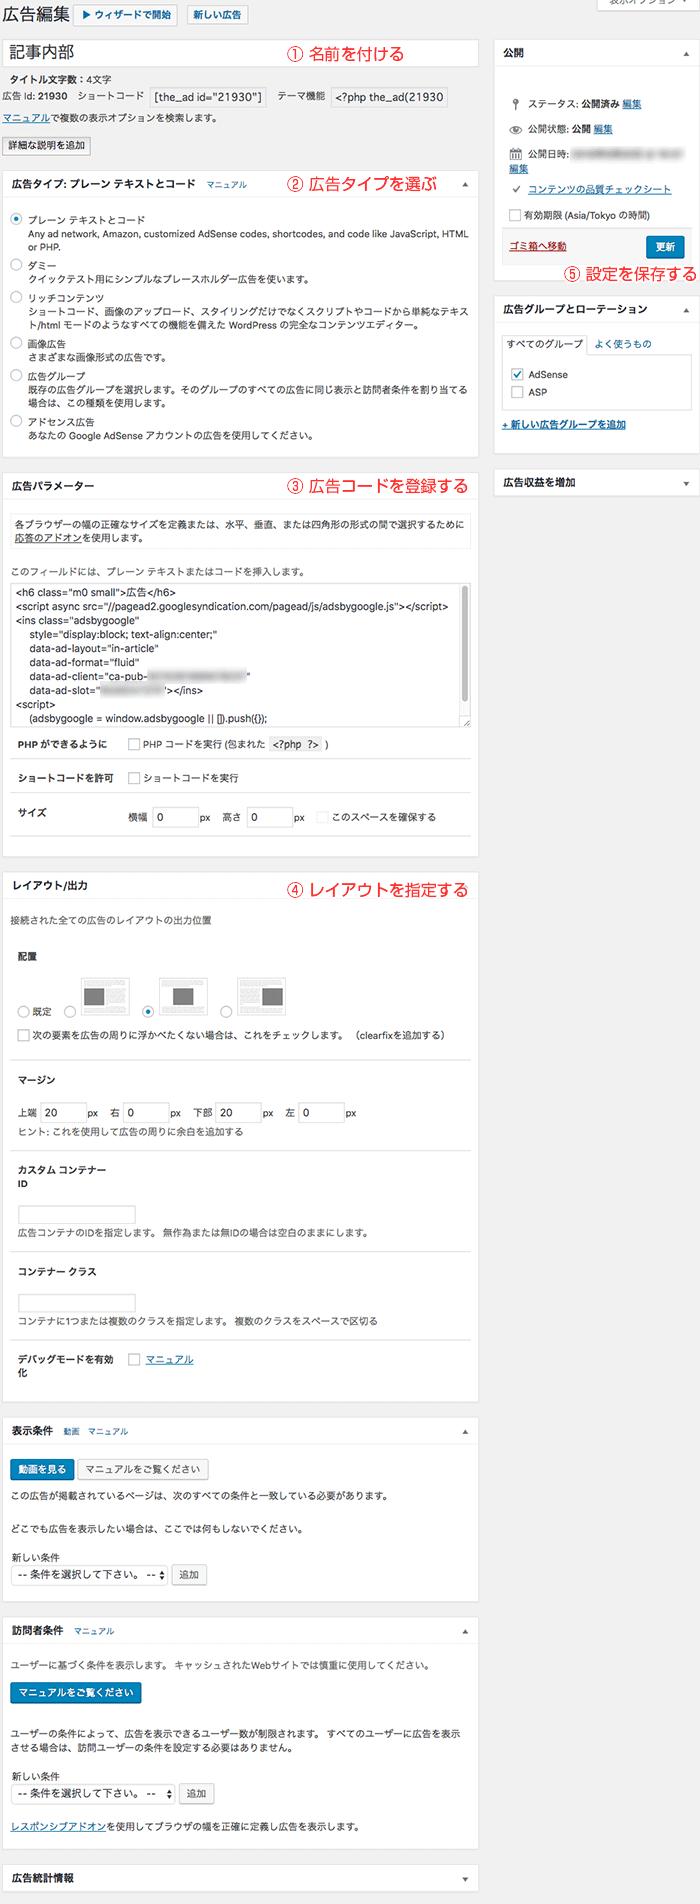 広告コードを登録する